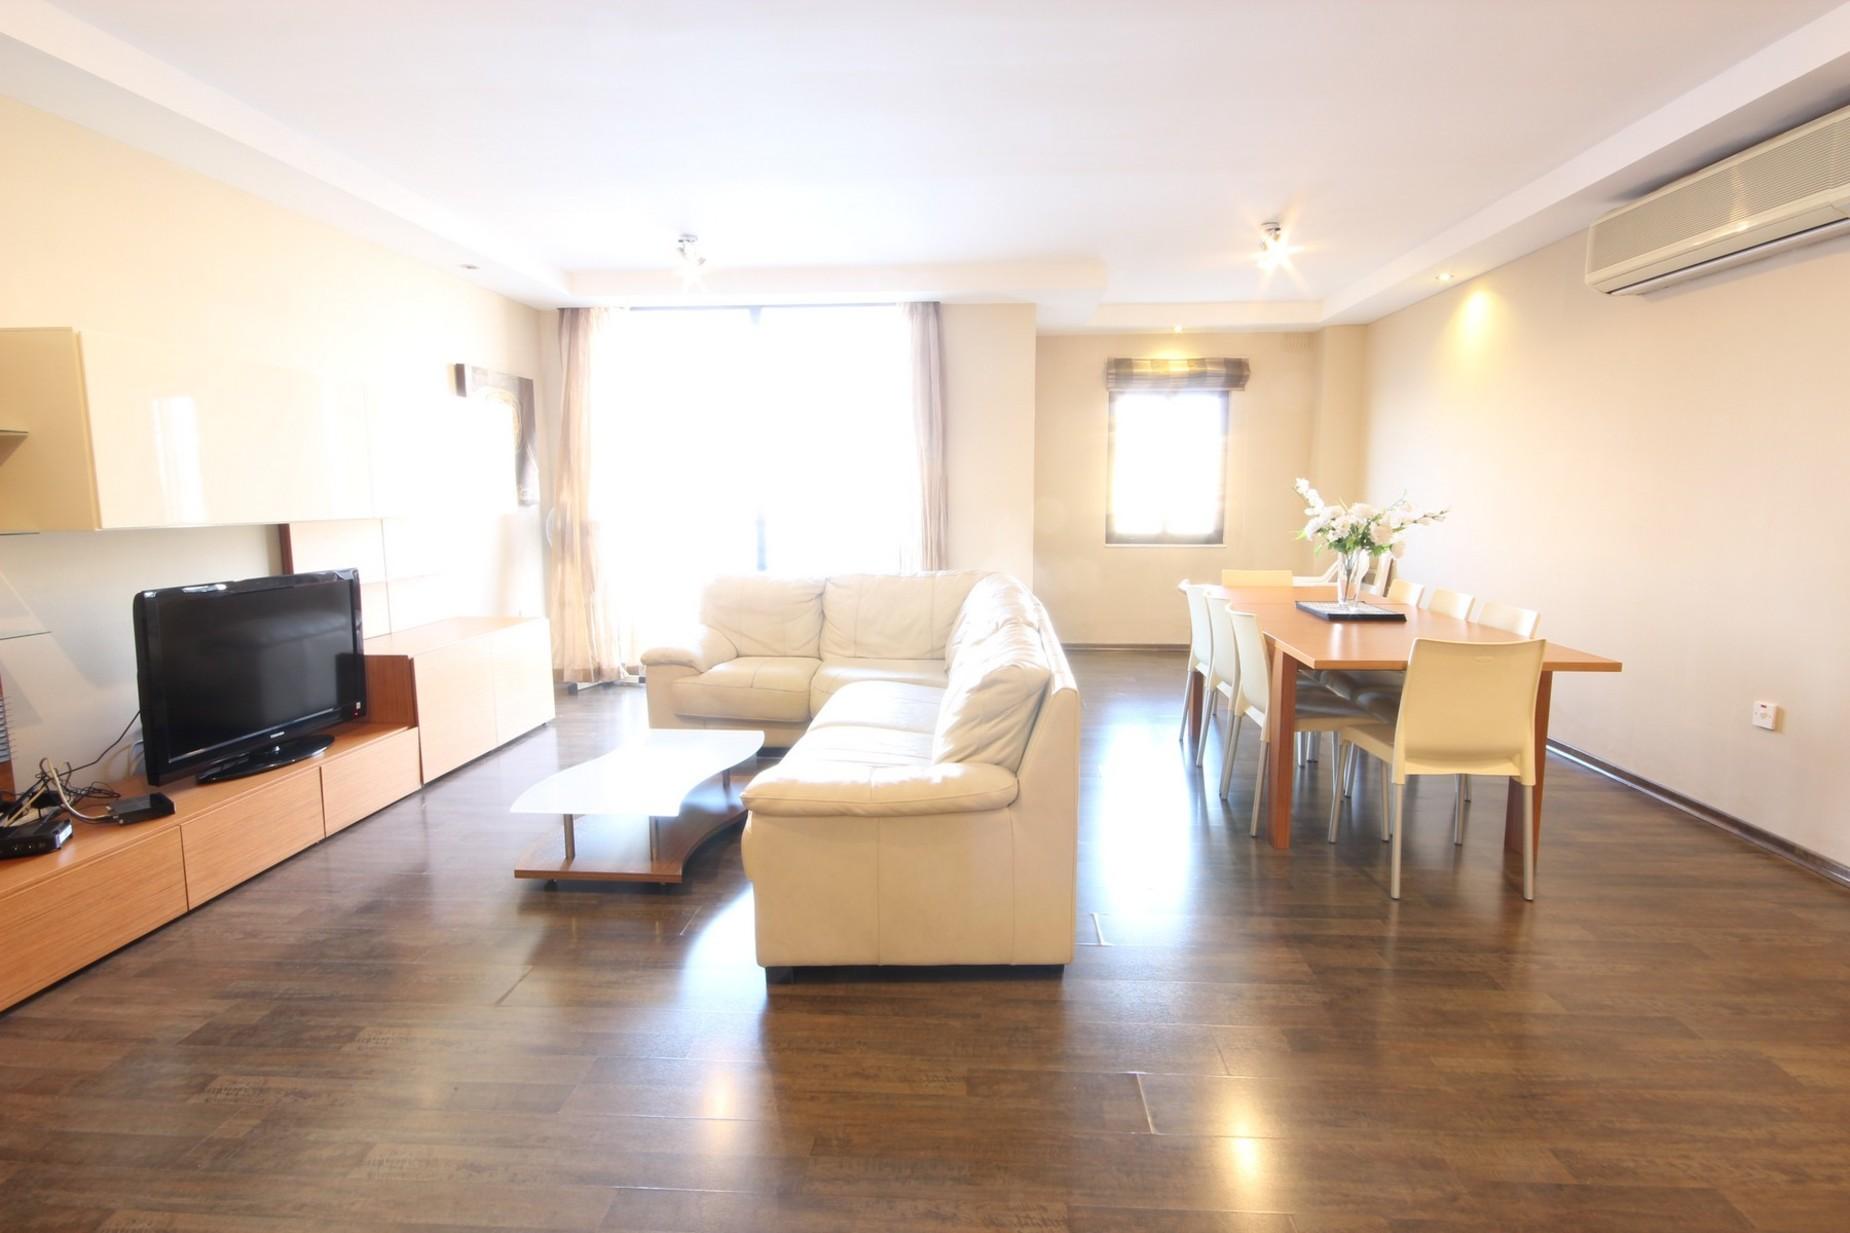 3 bed Apartment For Rent in Vittoriosa, Vittoriosa - thumb 3